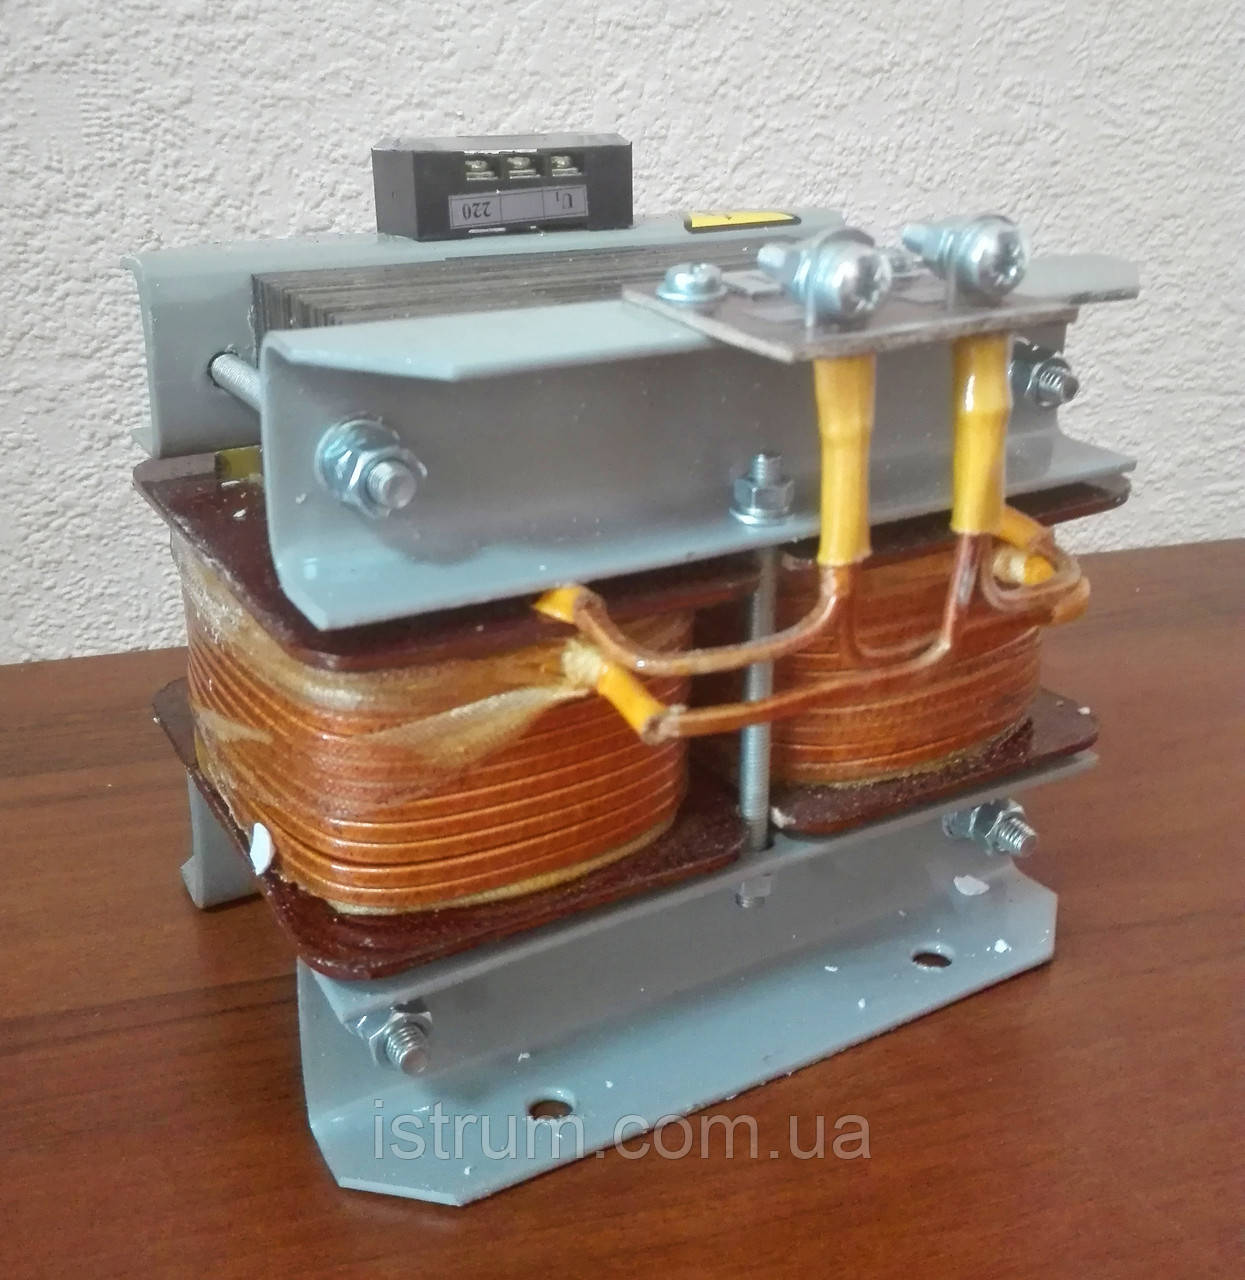 Трансформатор напряжения ОС-0,4 (ОСМ 1-0,4)